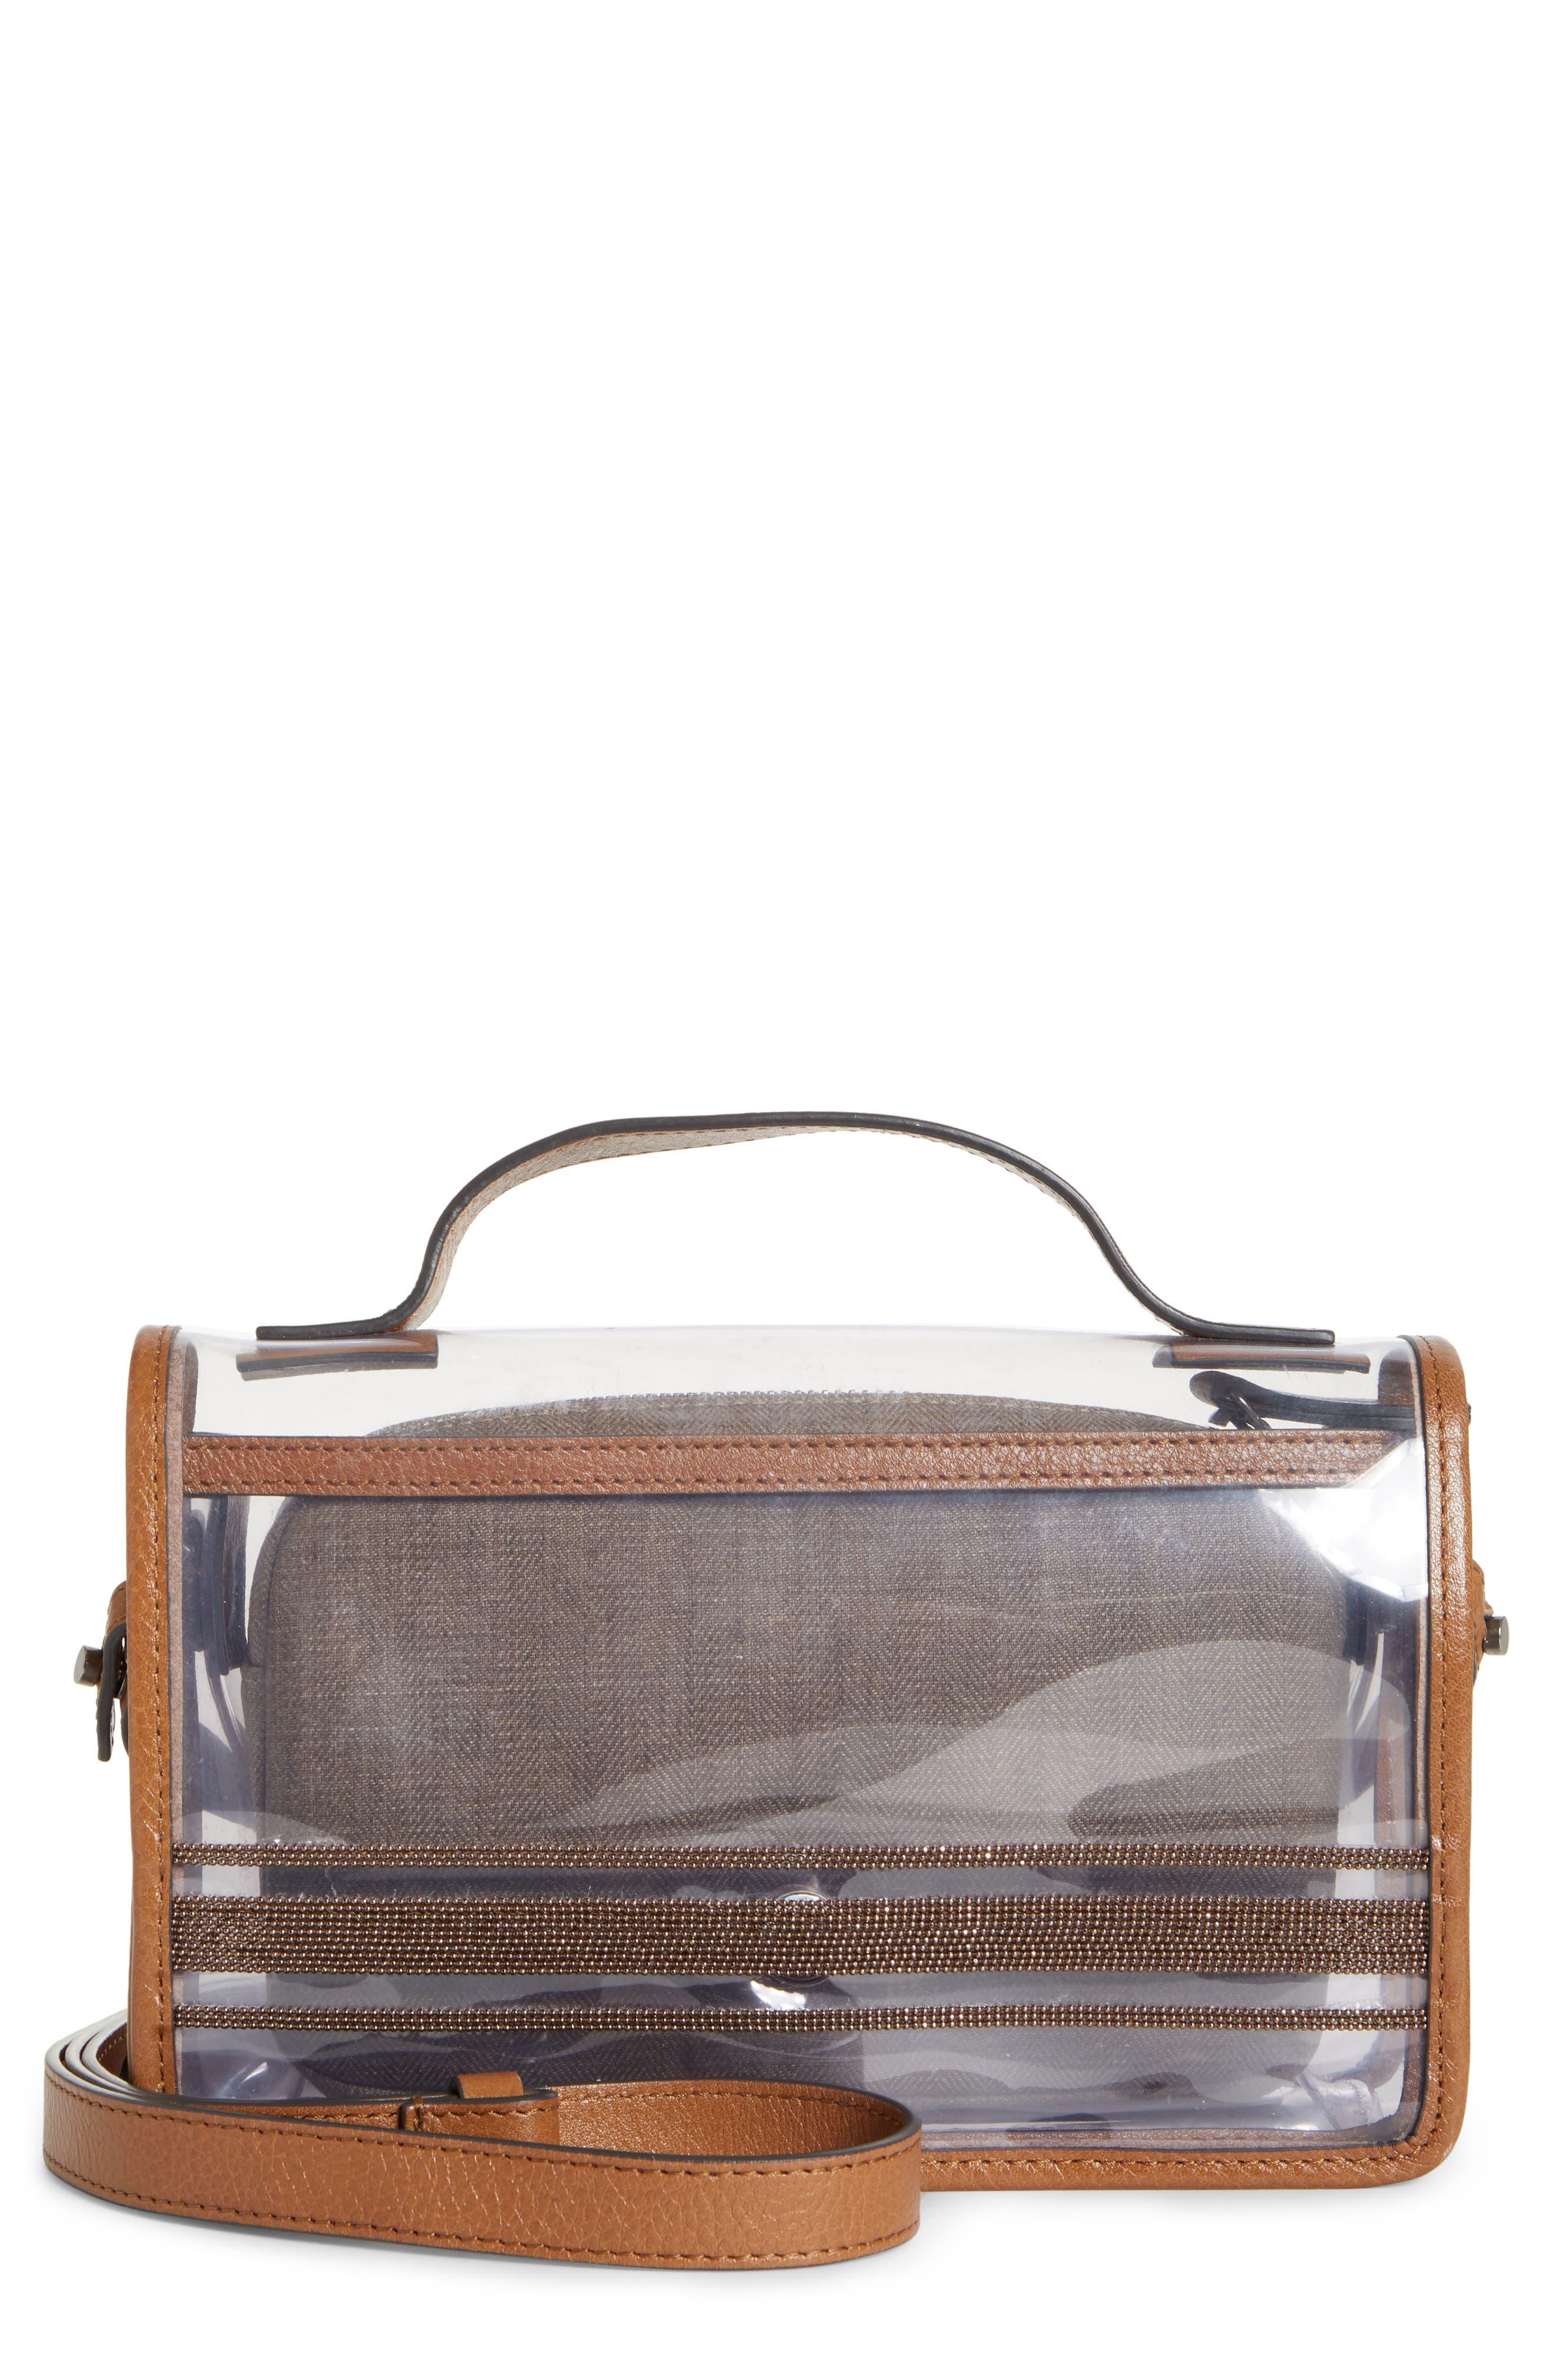 BRUNELLO CUCINELLI, Monili & Leather Trim Clear Shoulder Bag, Main thumbnail 1, color, LT BROWN